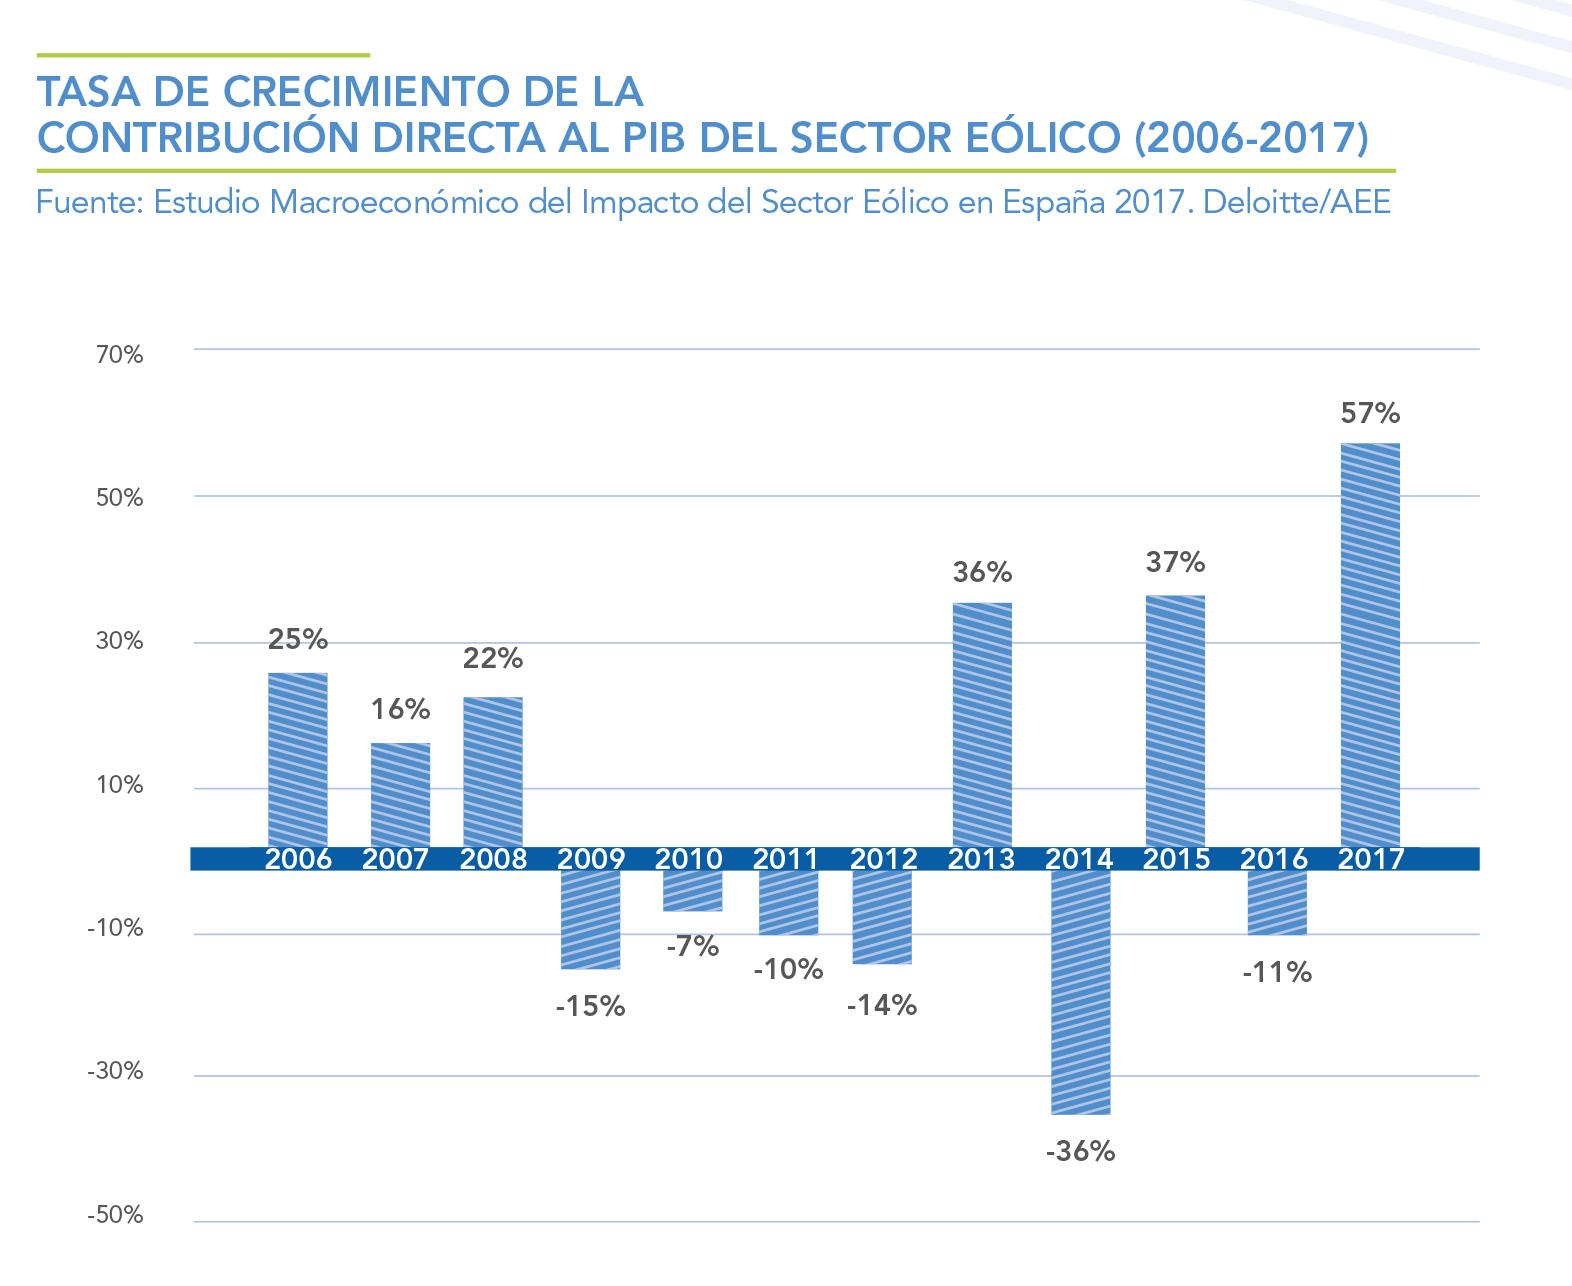 TASA-DE-CRECIMIENTO-DE-LA-CONTRIBUCION-DIRECTA-AL-PIB-DEL-SECTOR-EOLICO-2006---2017